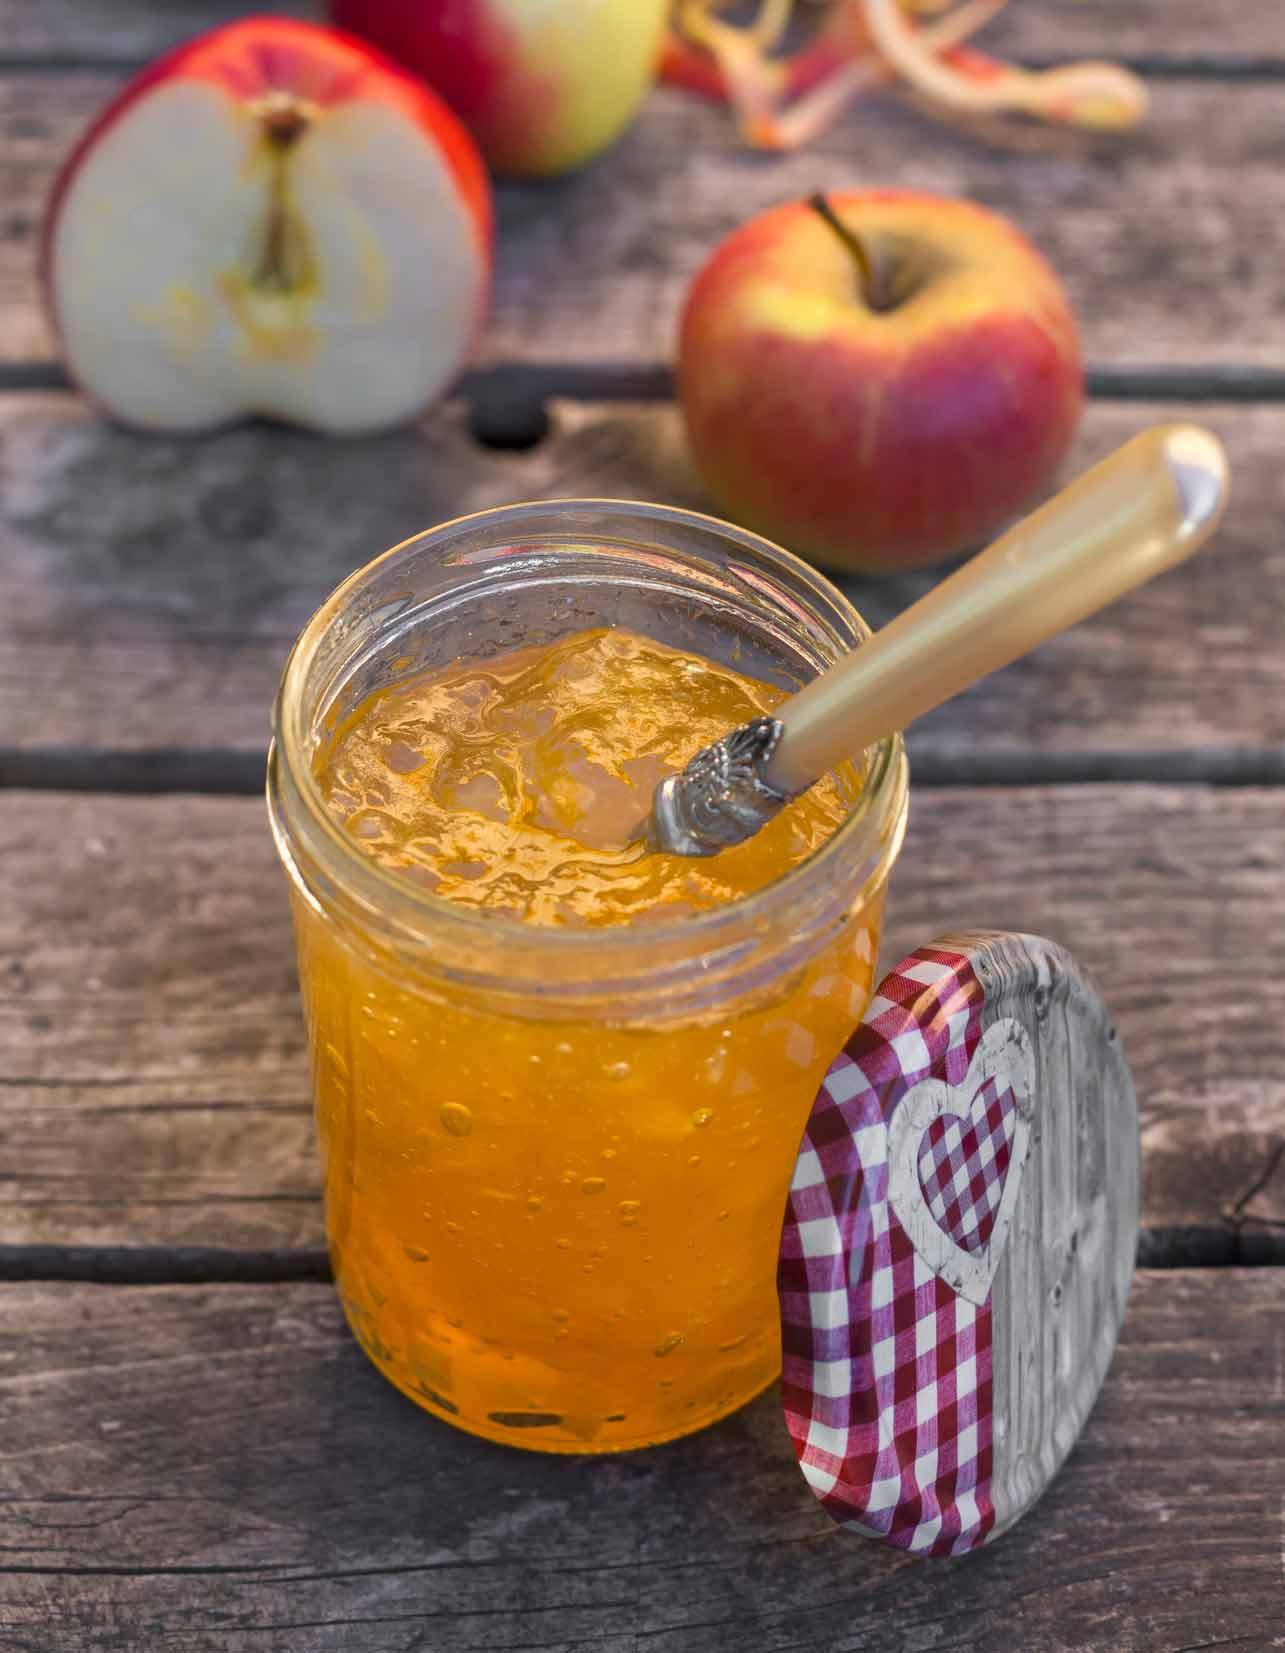 Recette Confiture De Pommes Originale : recette, confiture, pommes, originale, Confiture, Pommes, Thermomix, Personnes, Recettes, Table